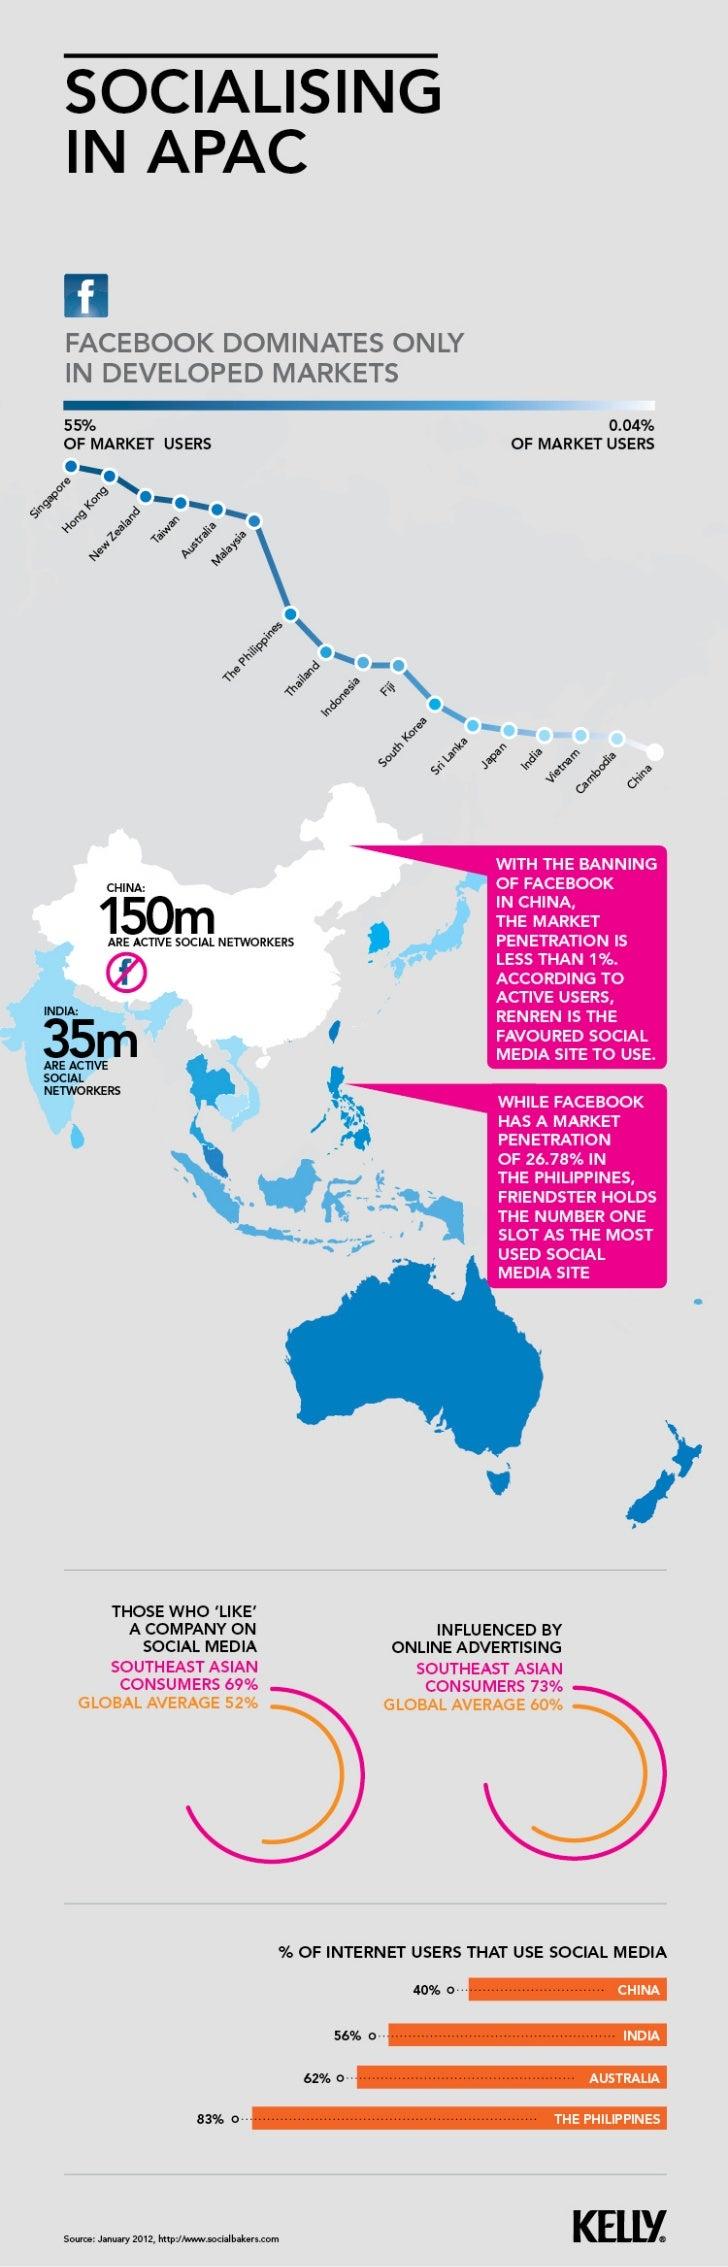 Social media landscape in Asia